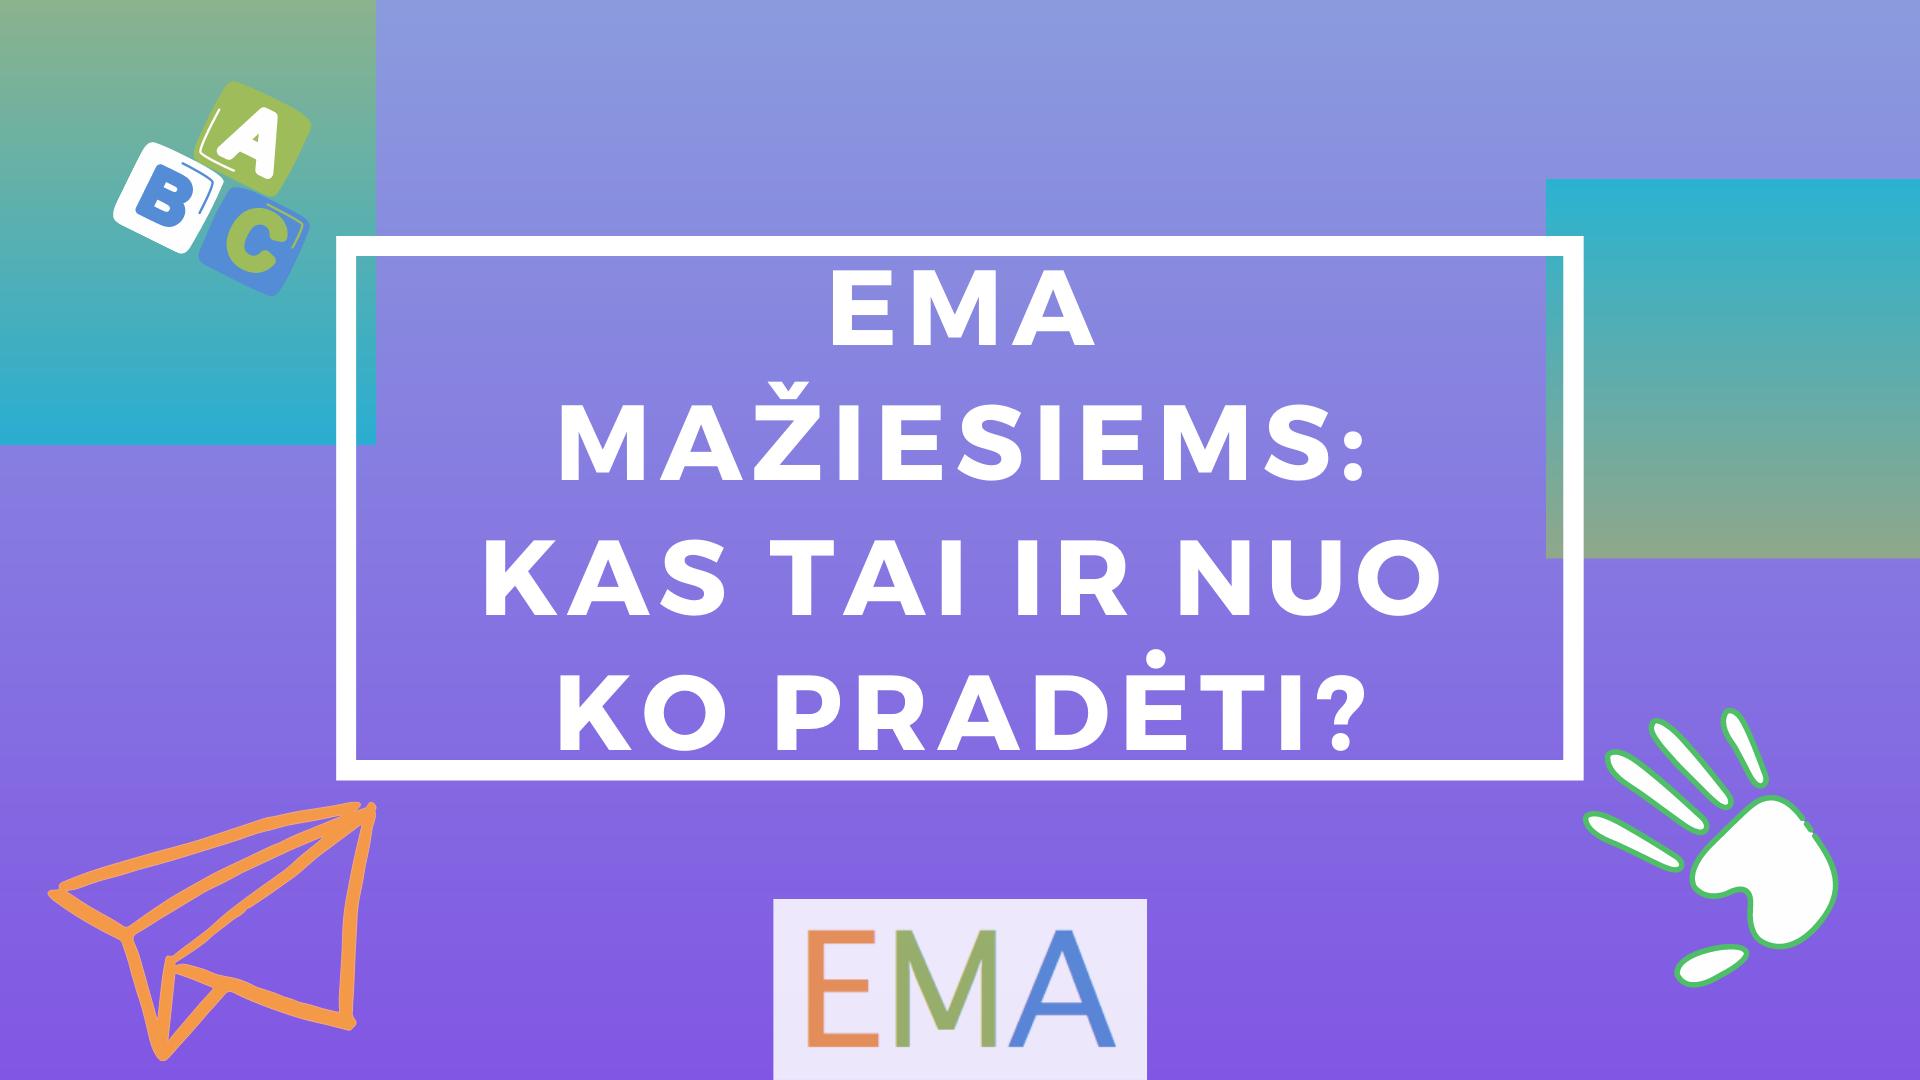 EMA Mažiesiems: kas tai ir nuo ko pradėti?